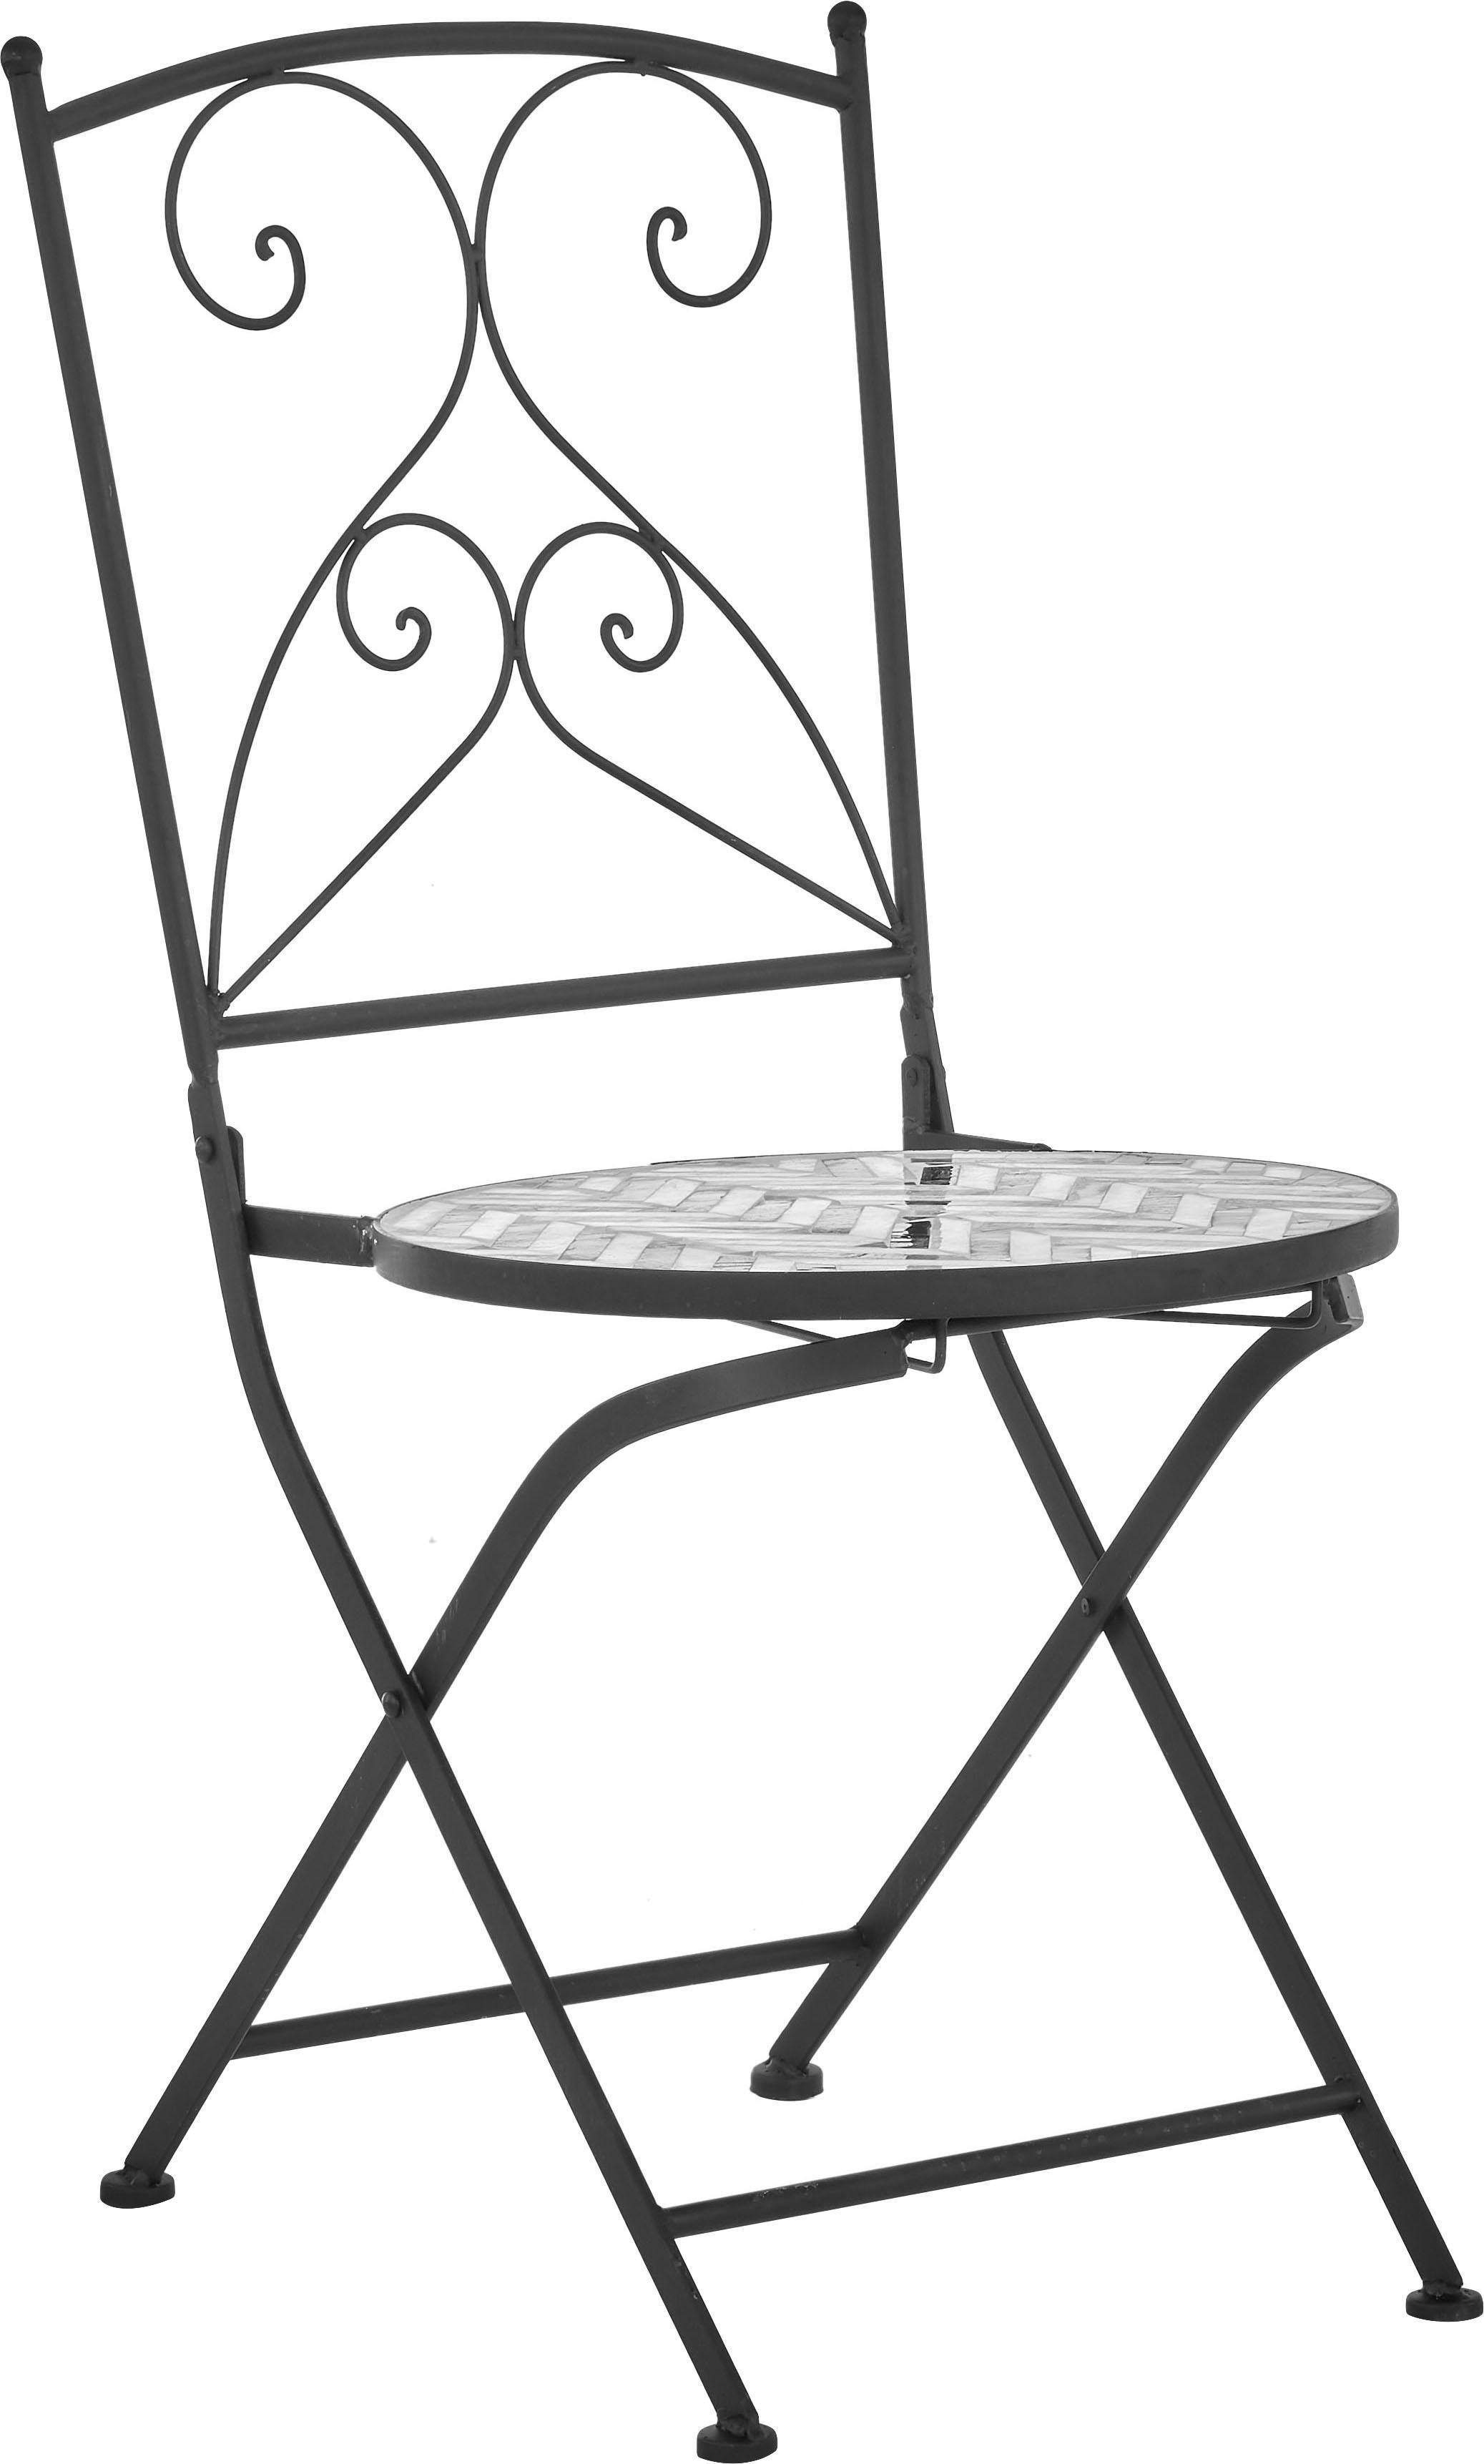 Balkonstühle Verano mit Mosaik, 2 Stück, Gestell: Metall, pulverbeschichtet, Sitzfläche: Steinmosaik, Grau, Weiss, Schwarz, B 40 x T 52 cm